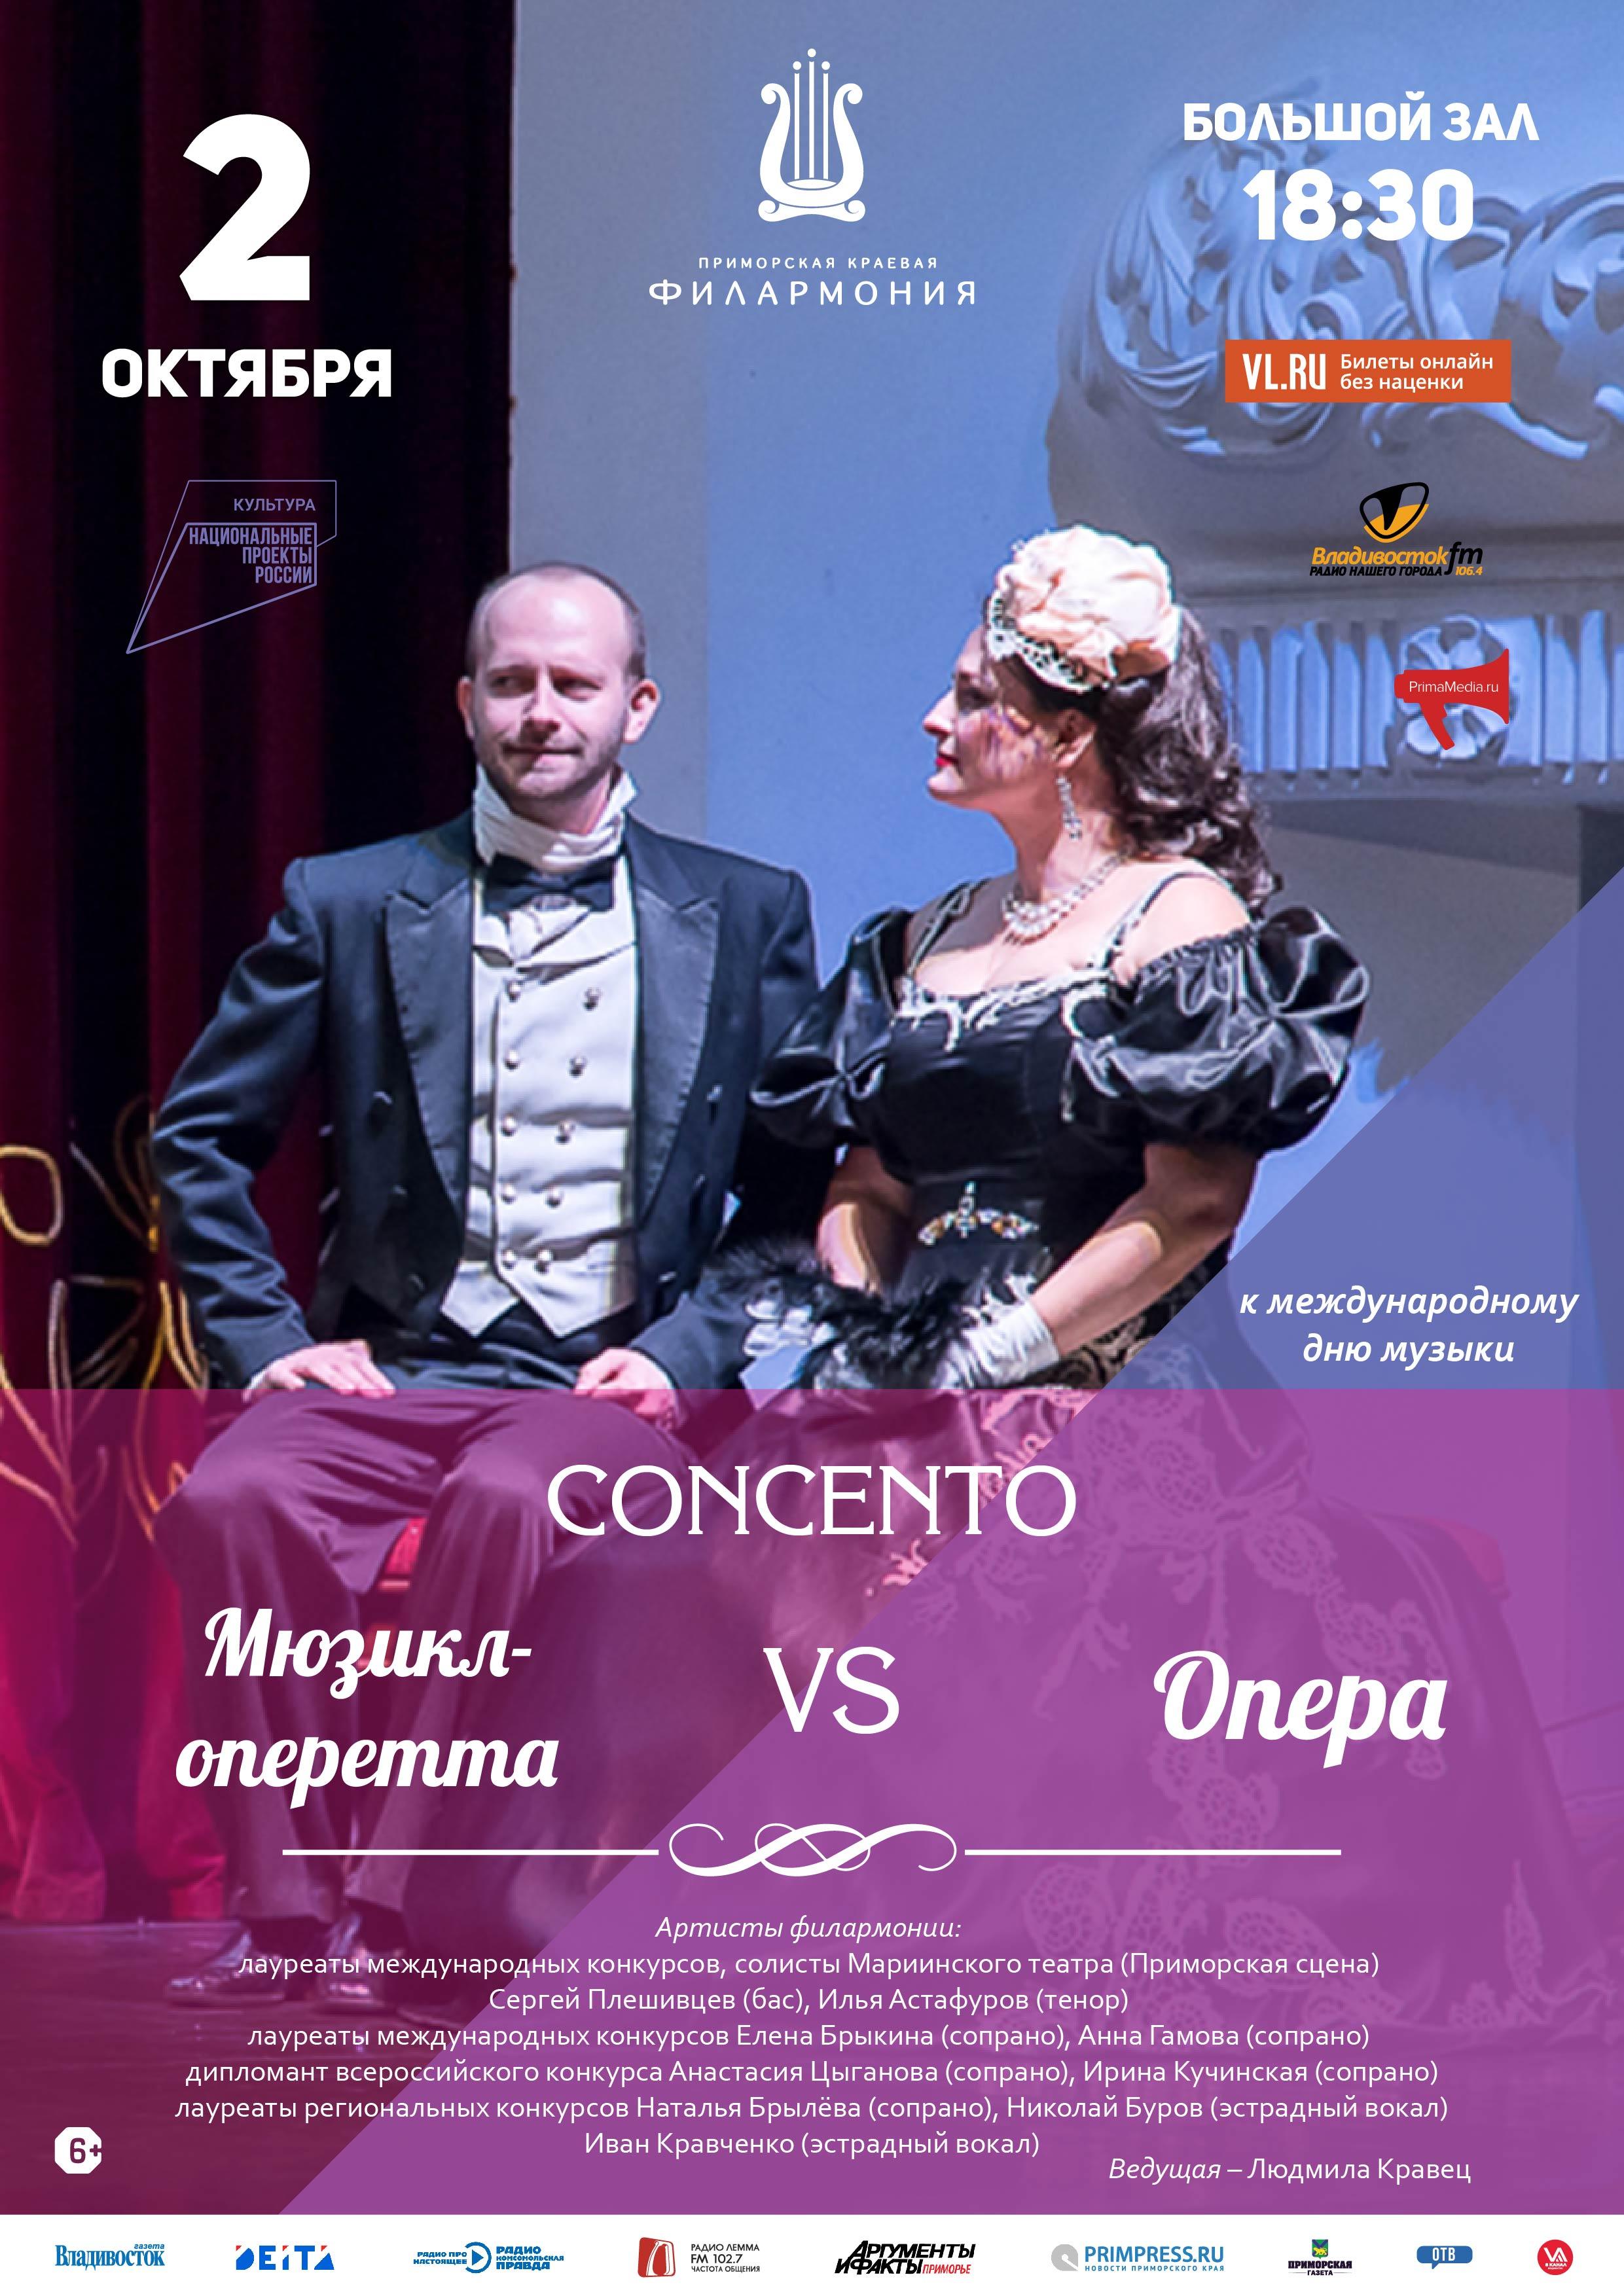 ОТМЕНА 2 октября Международный День Музыки Концертная шоу-программа «Concento. ОПЕРА VS МЮЗИКЛ-ОПЕРЕТТА»